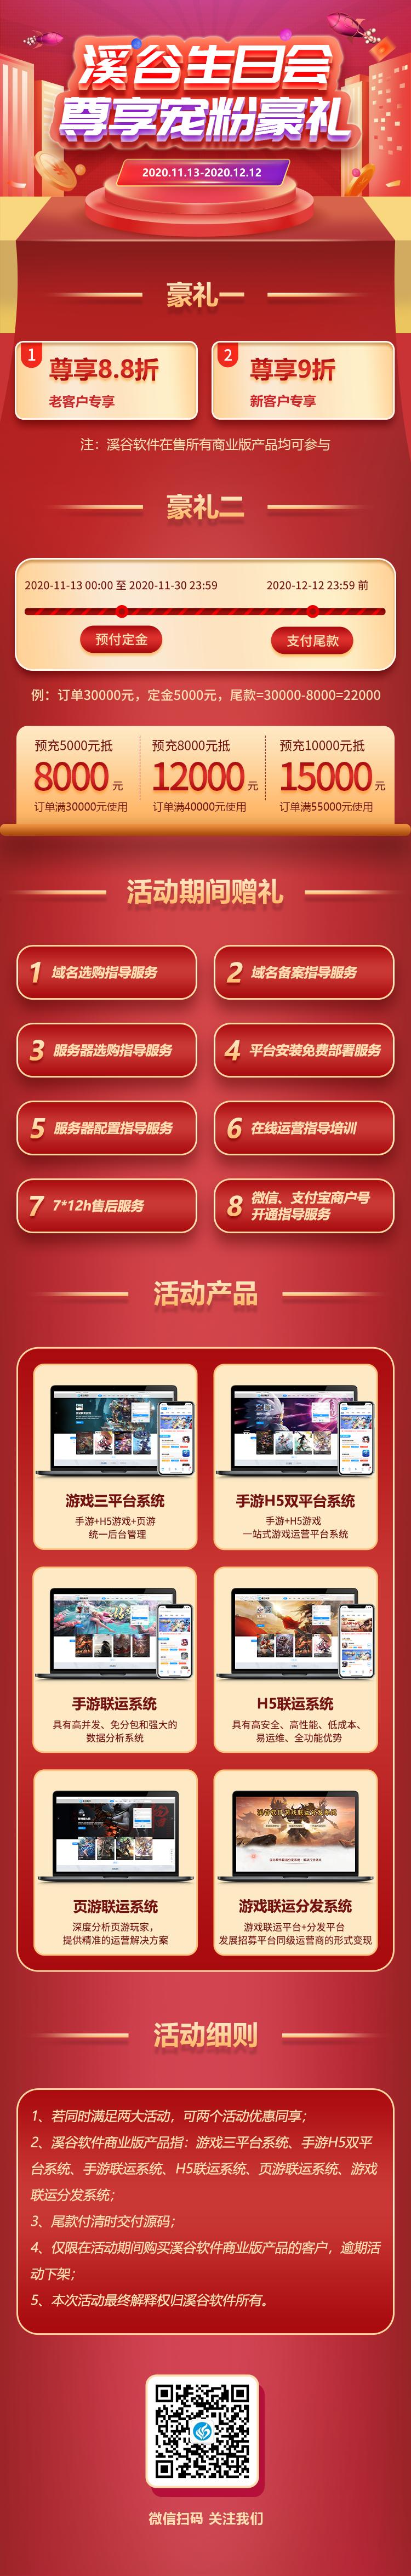 周年庆手机版2.png